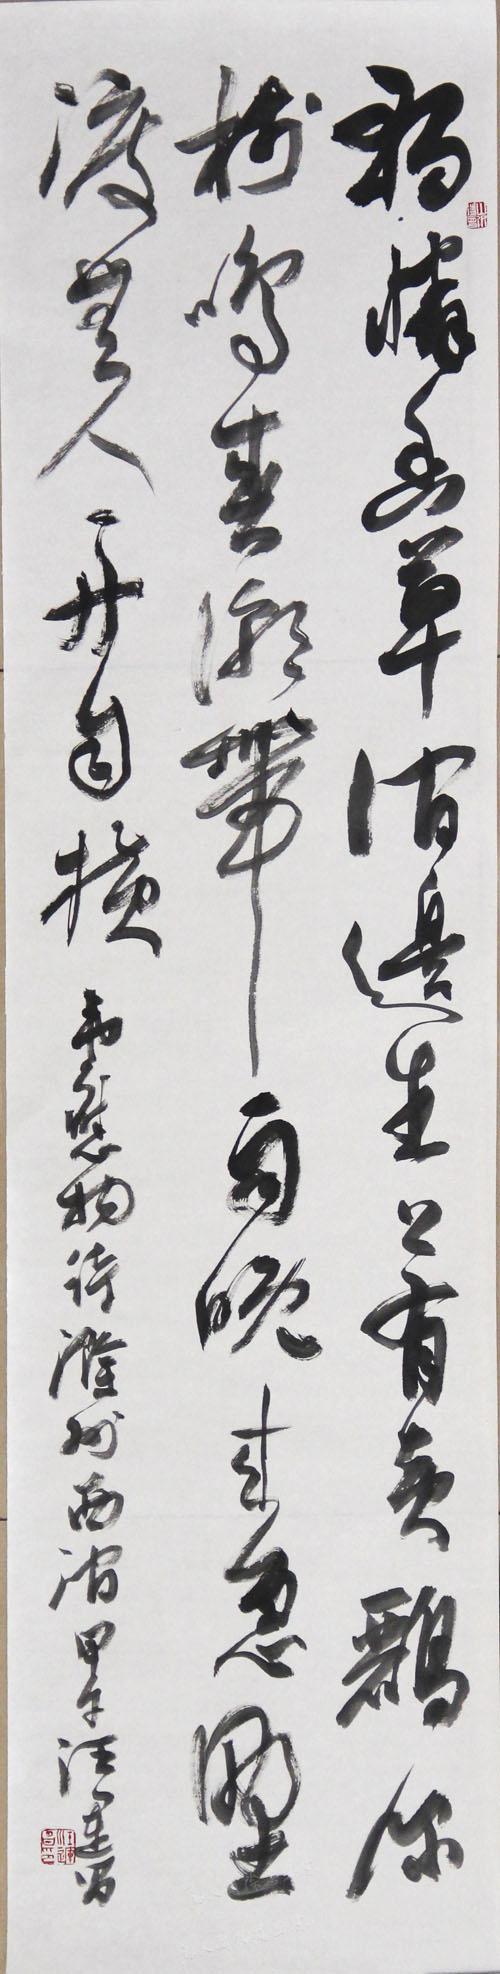 草书韦应物诗条幅137x35cm2014